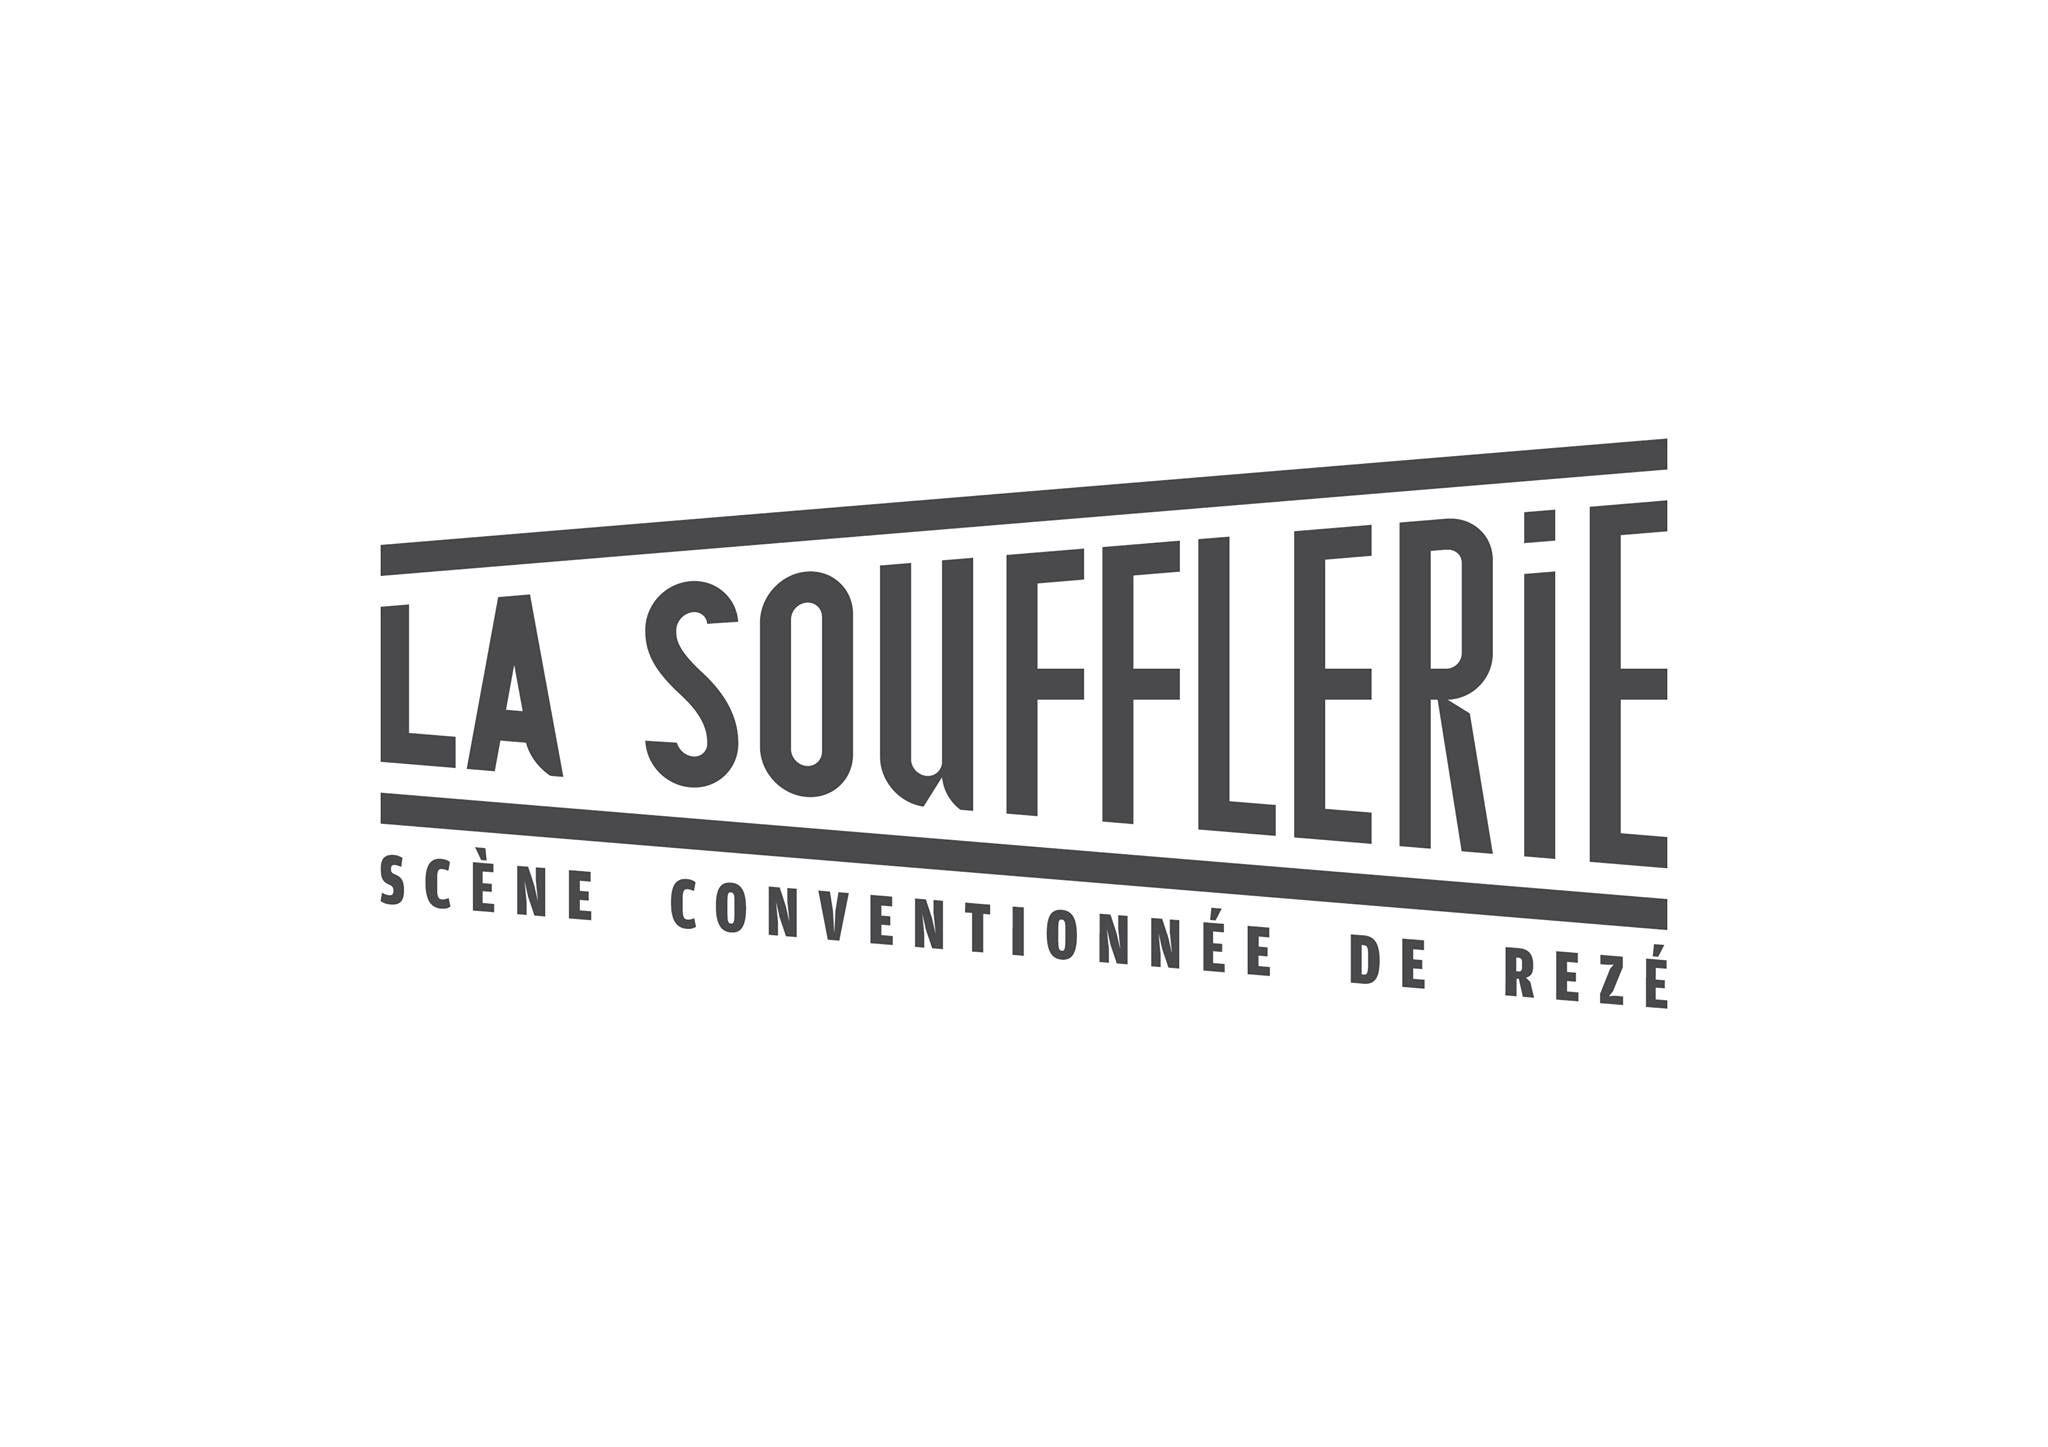 LA SOUFFLERIE : création du nom de la programmation culturelle de la Ville de Rezé, en partie axée sur le travail des voix (en musique, théâtre...).